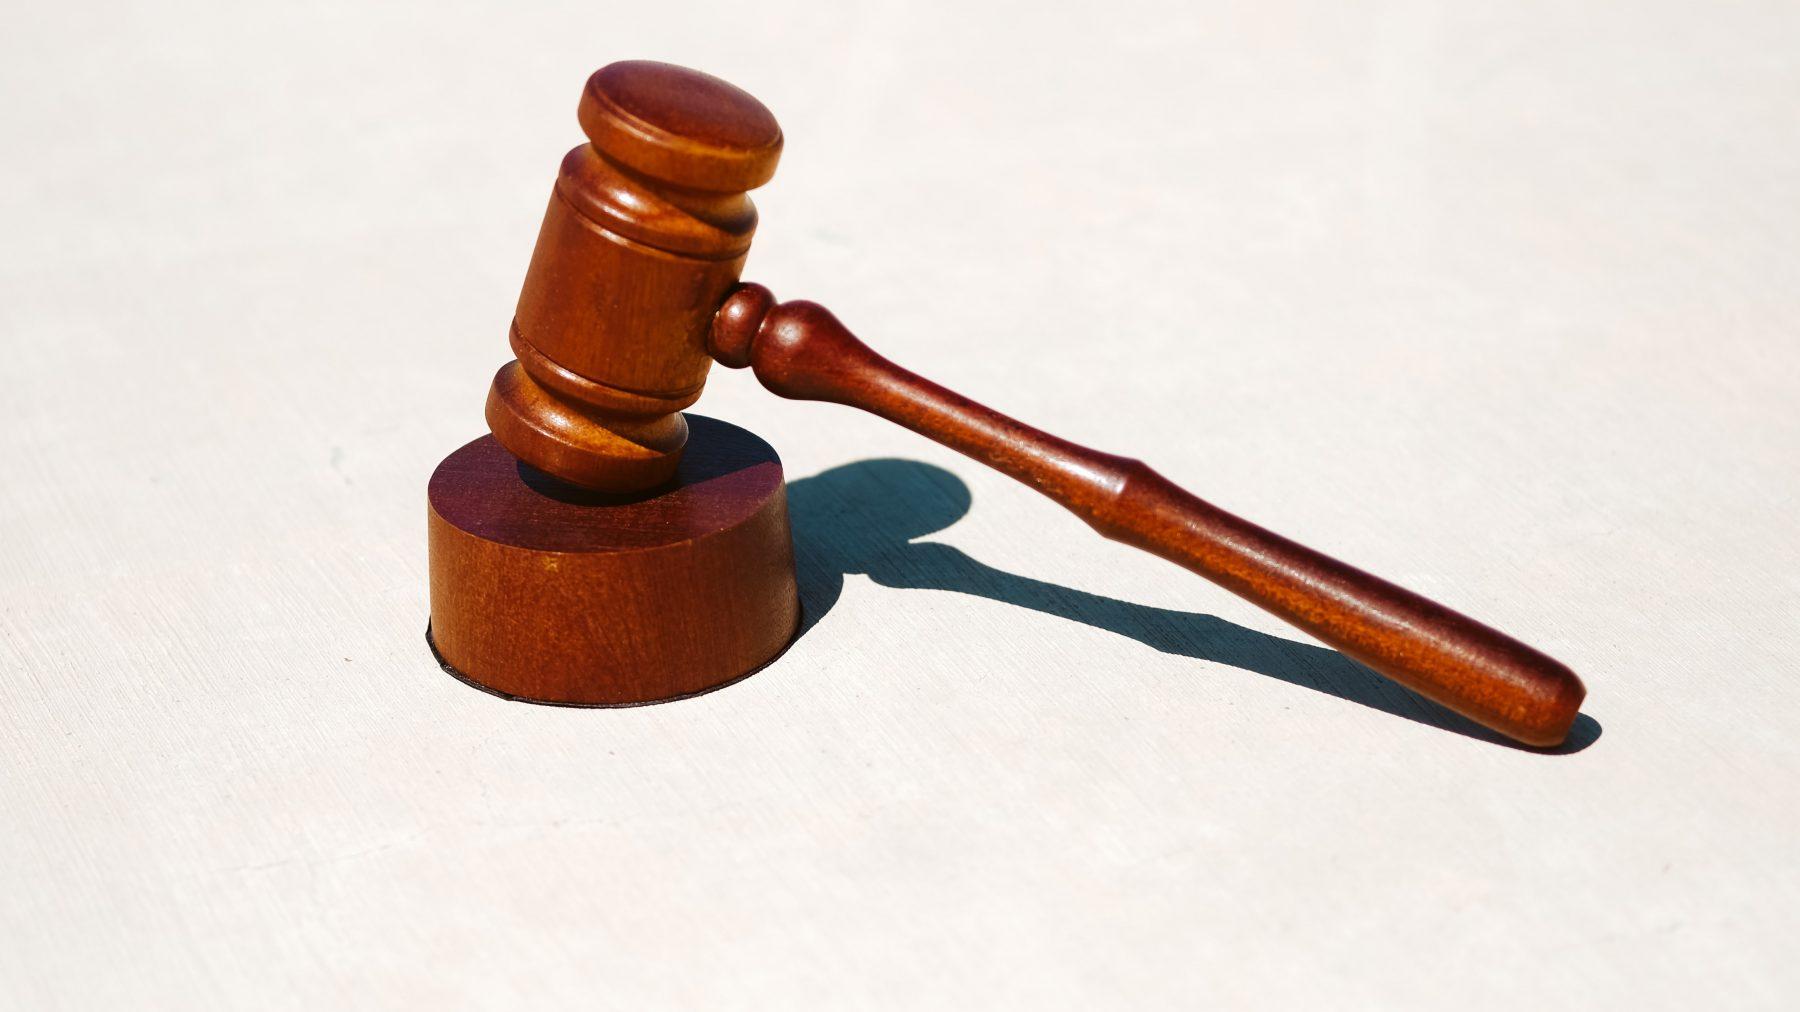 notaris uit ambt gezet na 13 jaar puinhoop